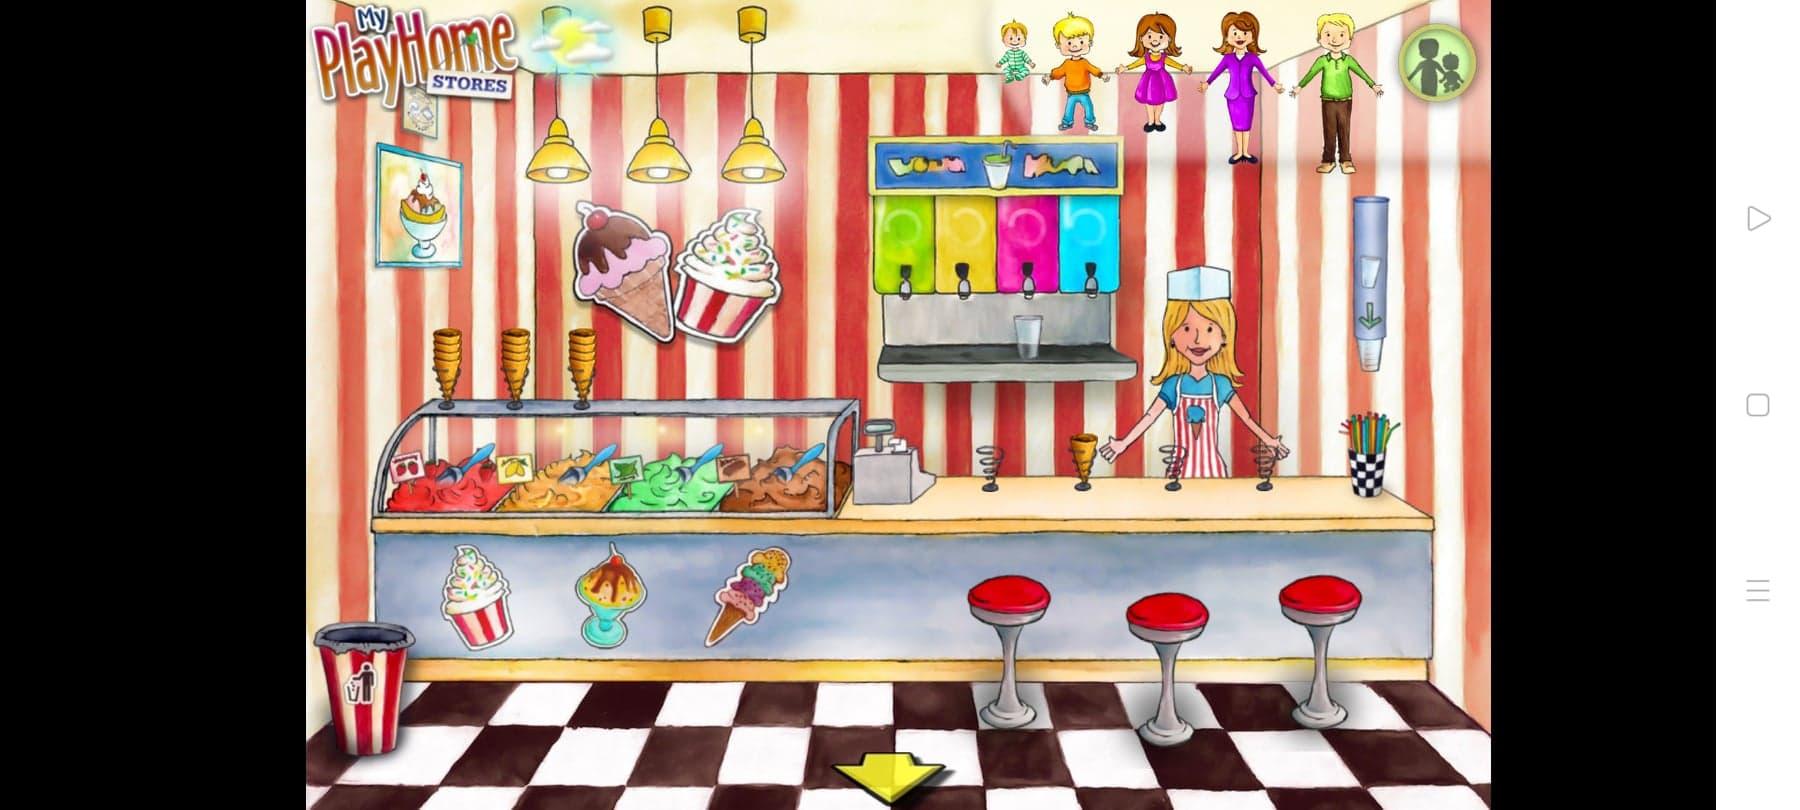 ماي بلاي هوم السوق6 تحميل ماي بلاي هوم السوق للاندرويد My Play Home Store